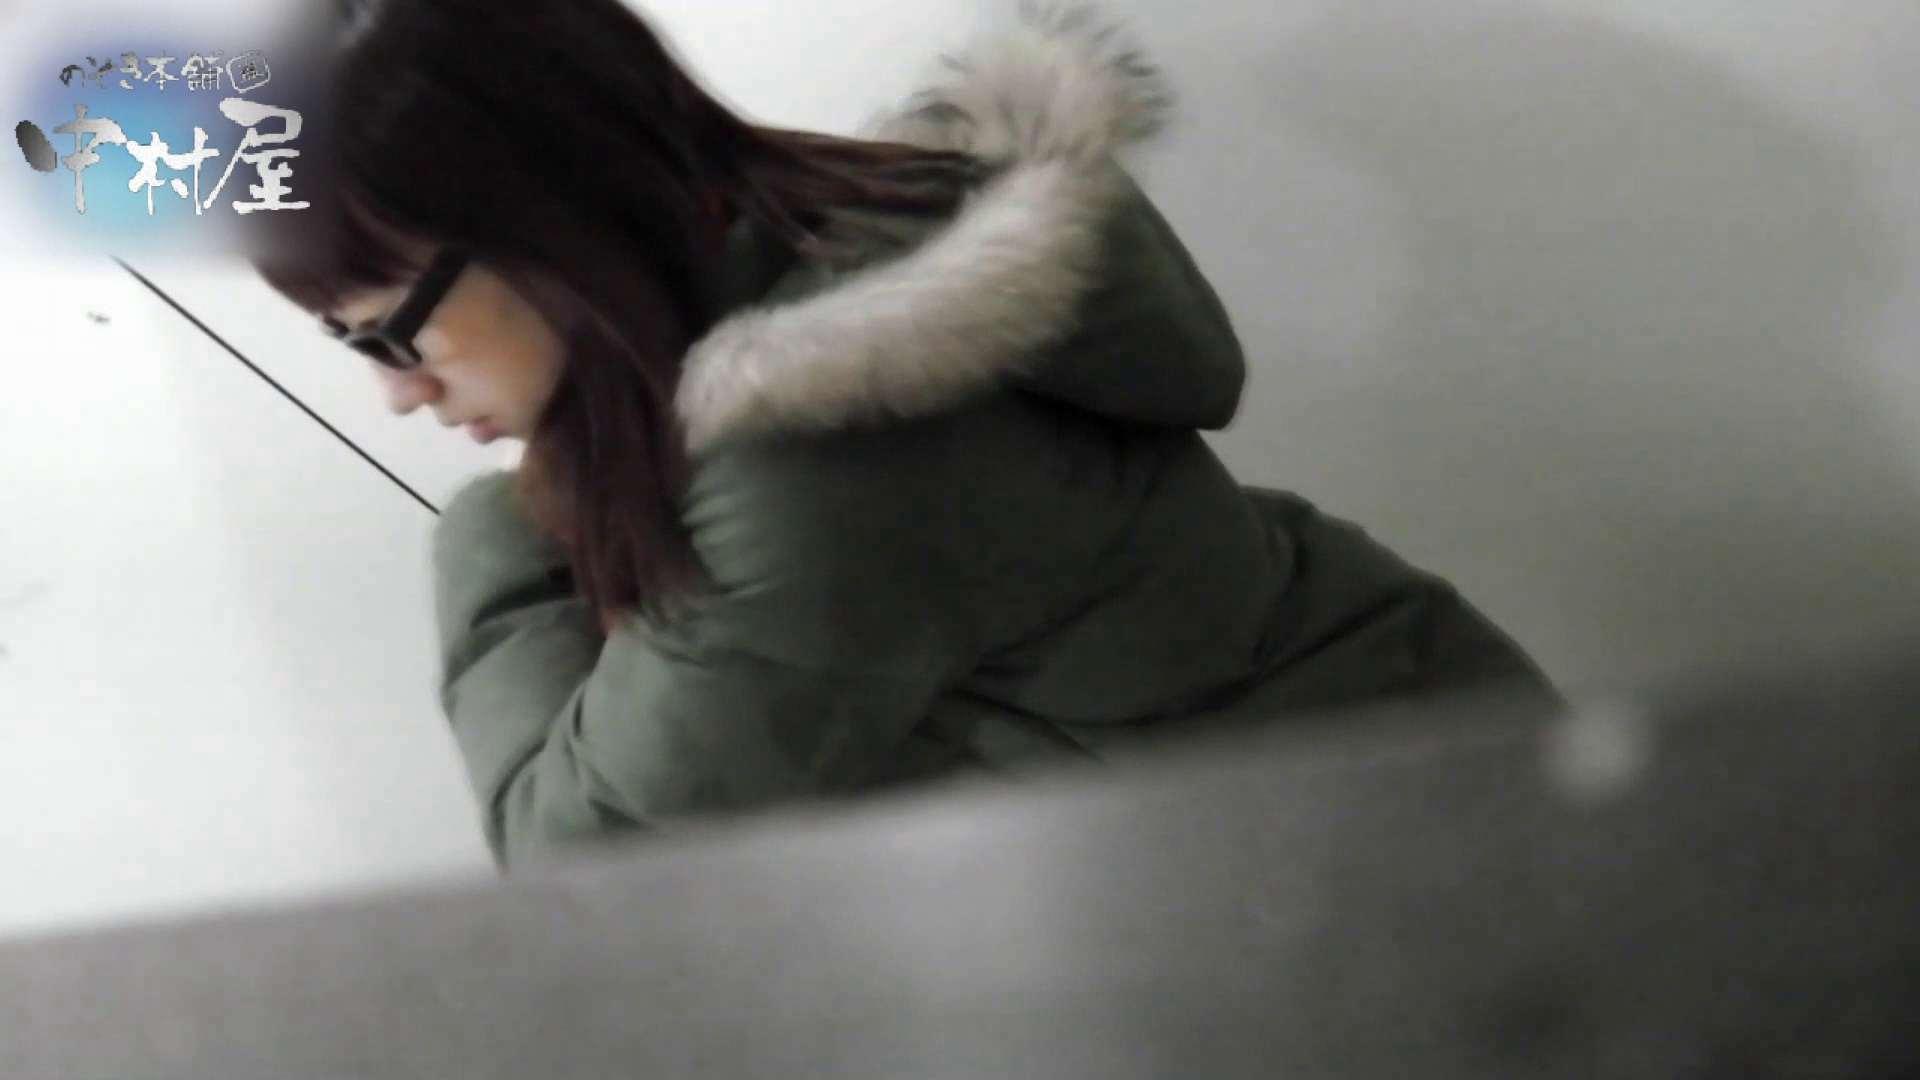 乙女集まる!ショッピングモール潜入撮vol.12 トイレ   乙女  76連発 1